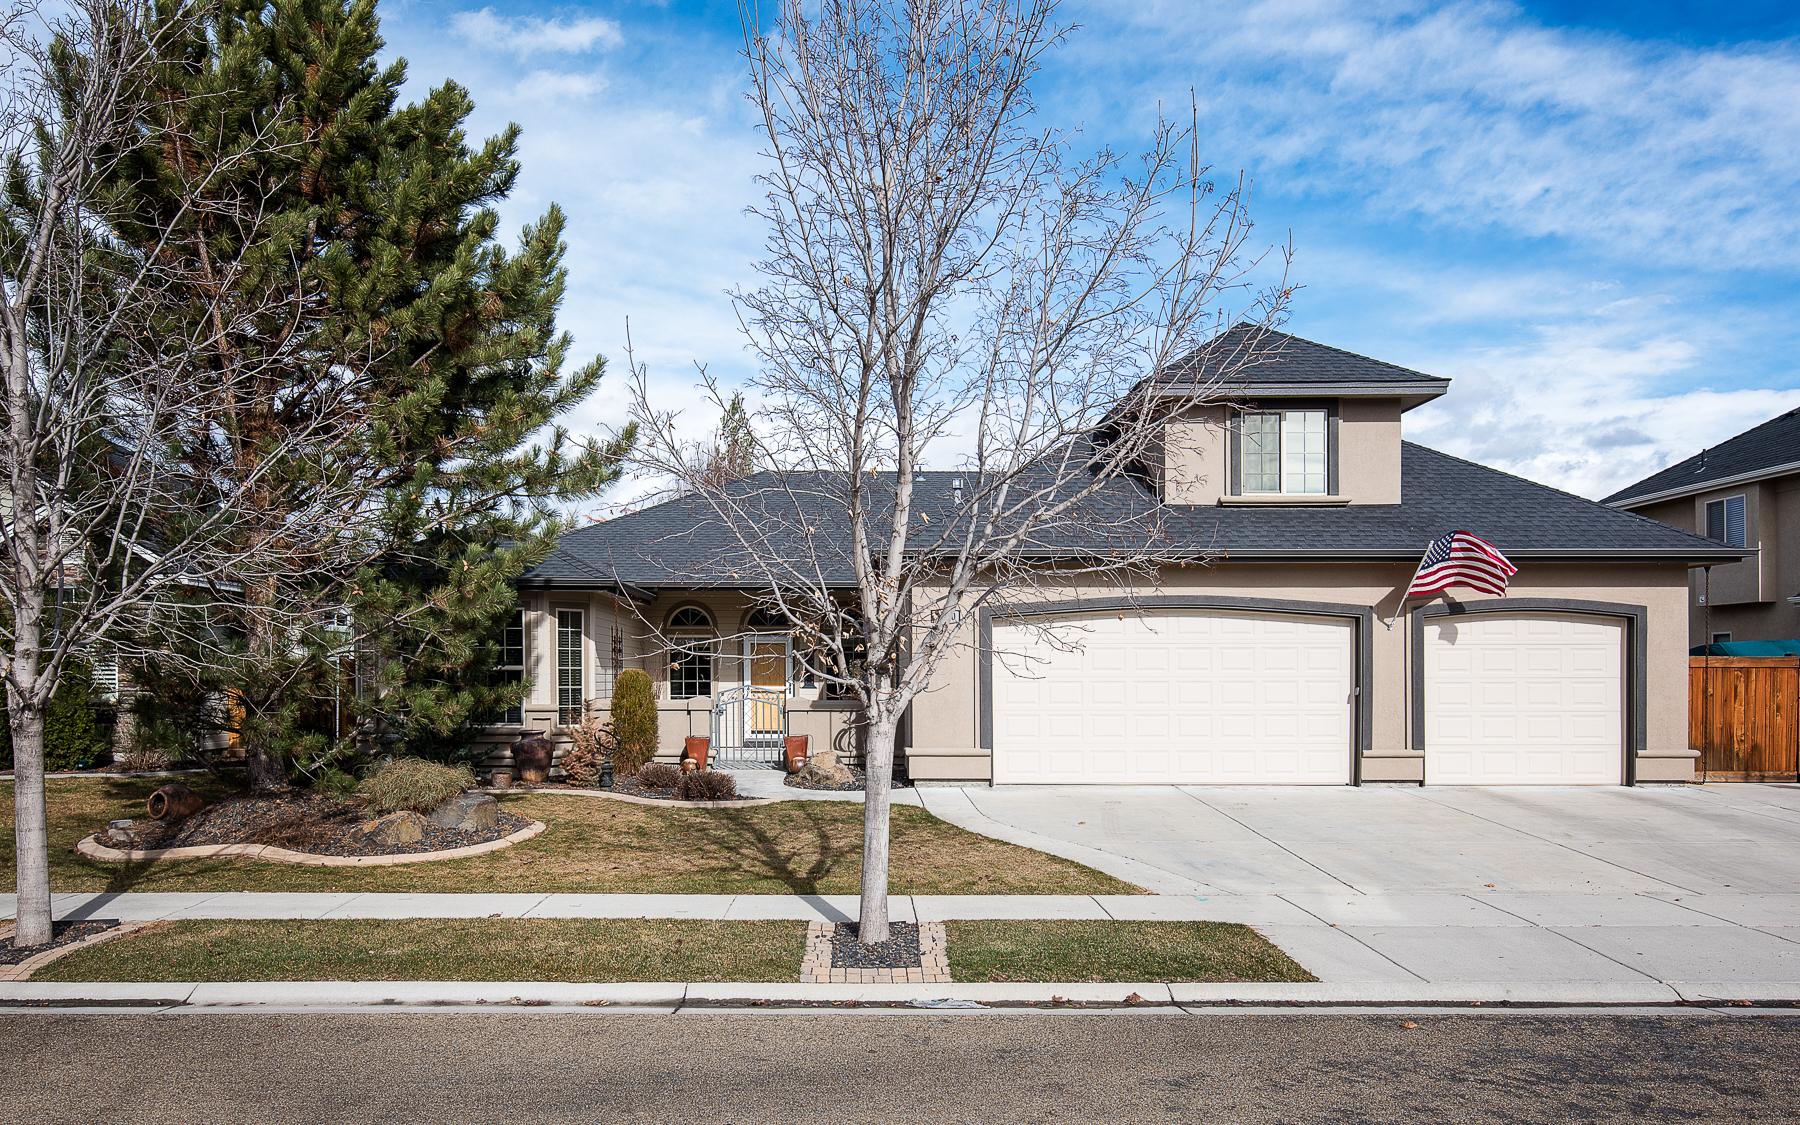 Casa Unifamiliar por un Venta en 2310 Cedar Grove, Meridian 2310 W Cedar Grove Meridian, Idaho, 83642 Estados Unidos